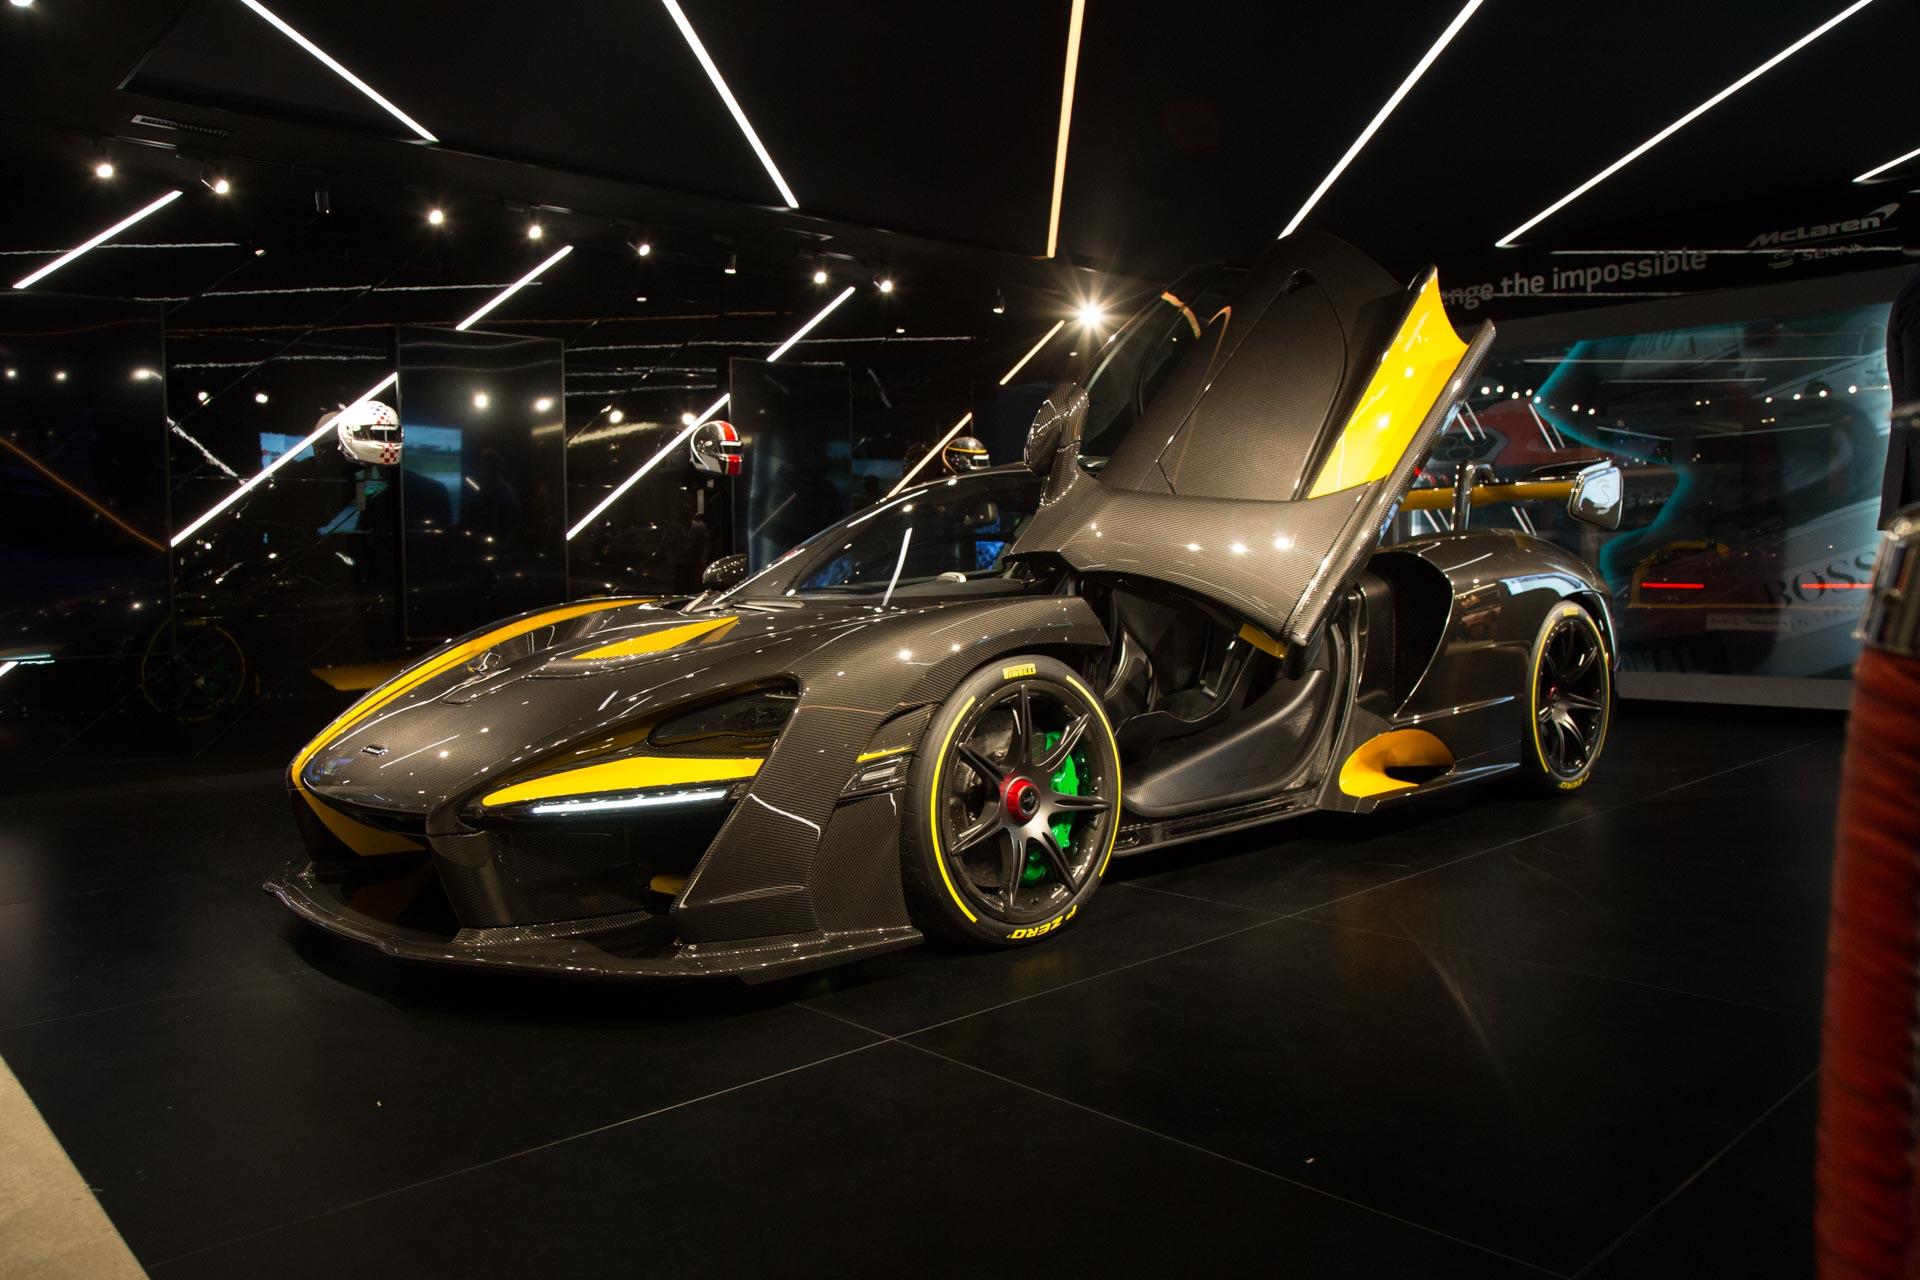 McLaren Senna Carbon Theme - один из главных автомобилей стенда McLaren в Женеве в этом году. McLaren впервые демонстрирует Senna публично, так как она официально дебютировала в конце прошлого года.